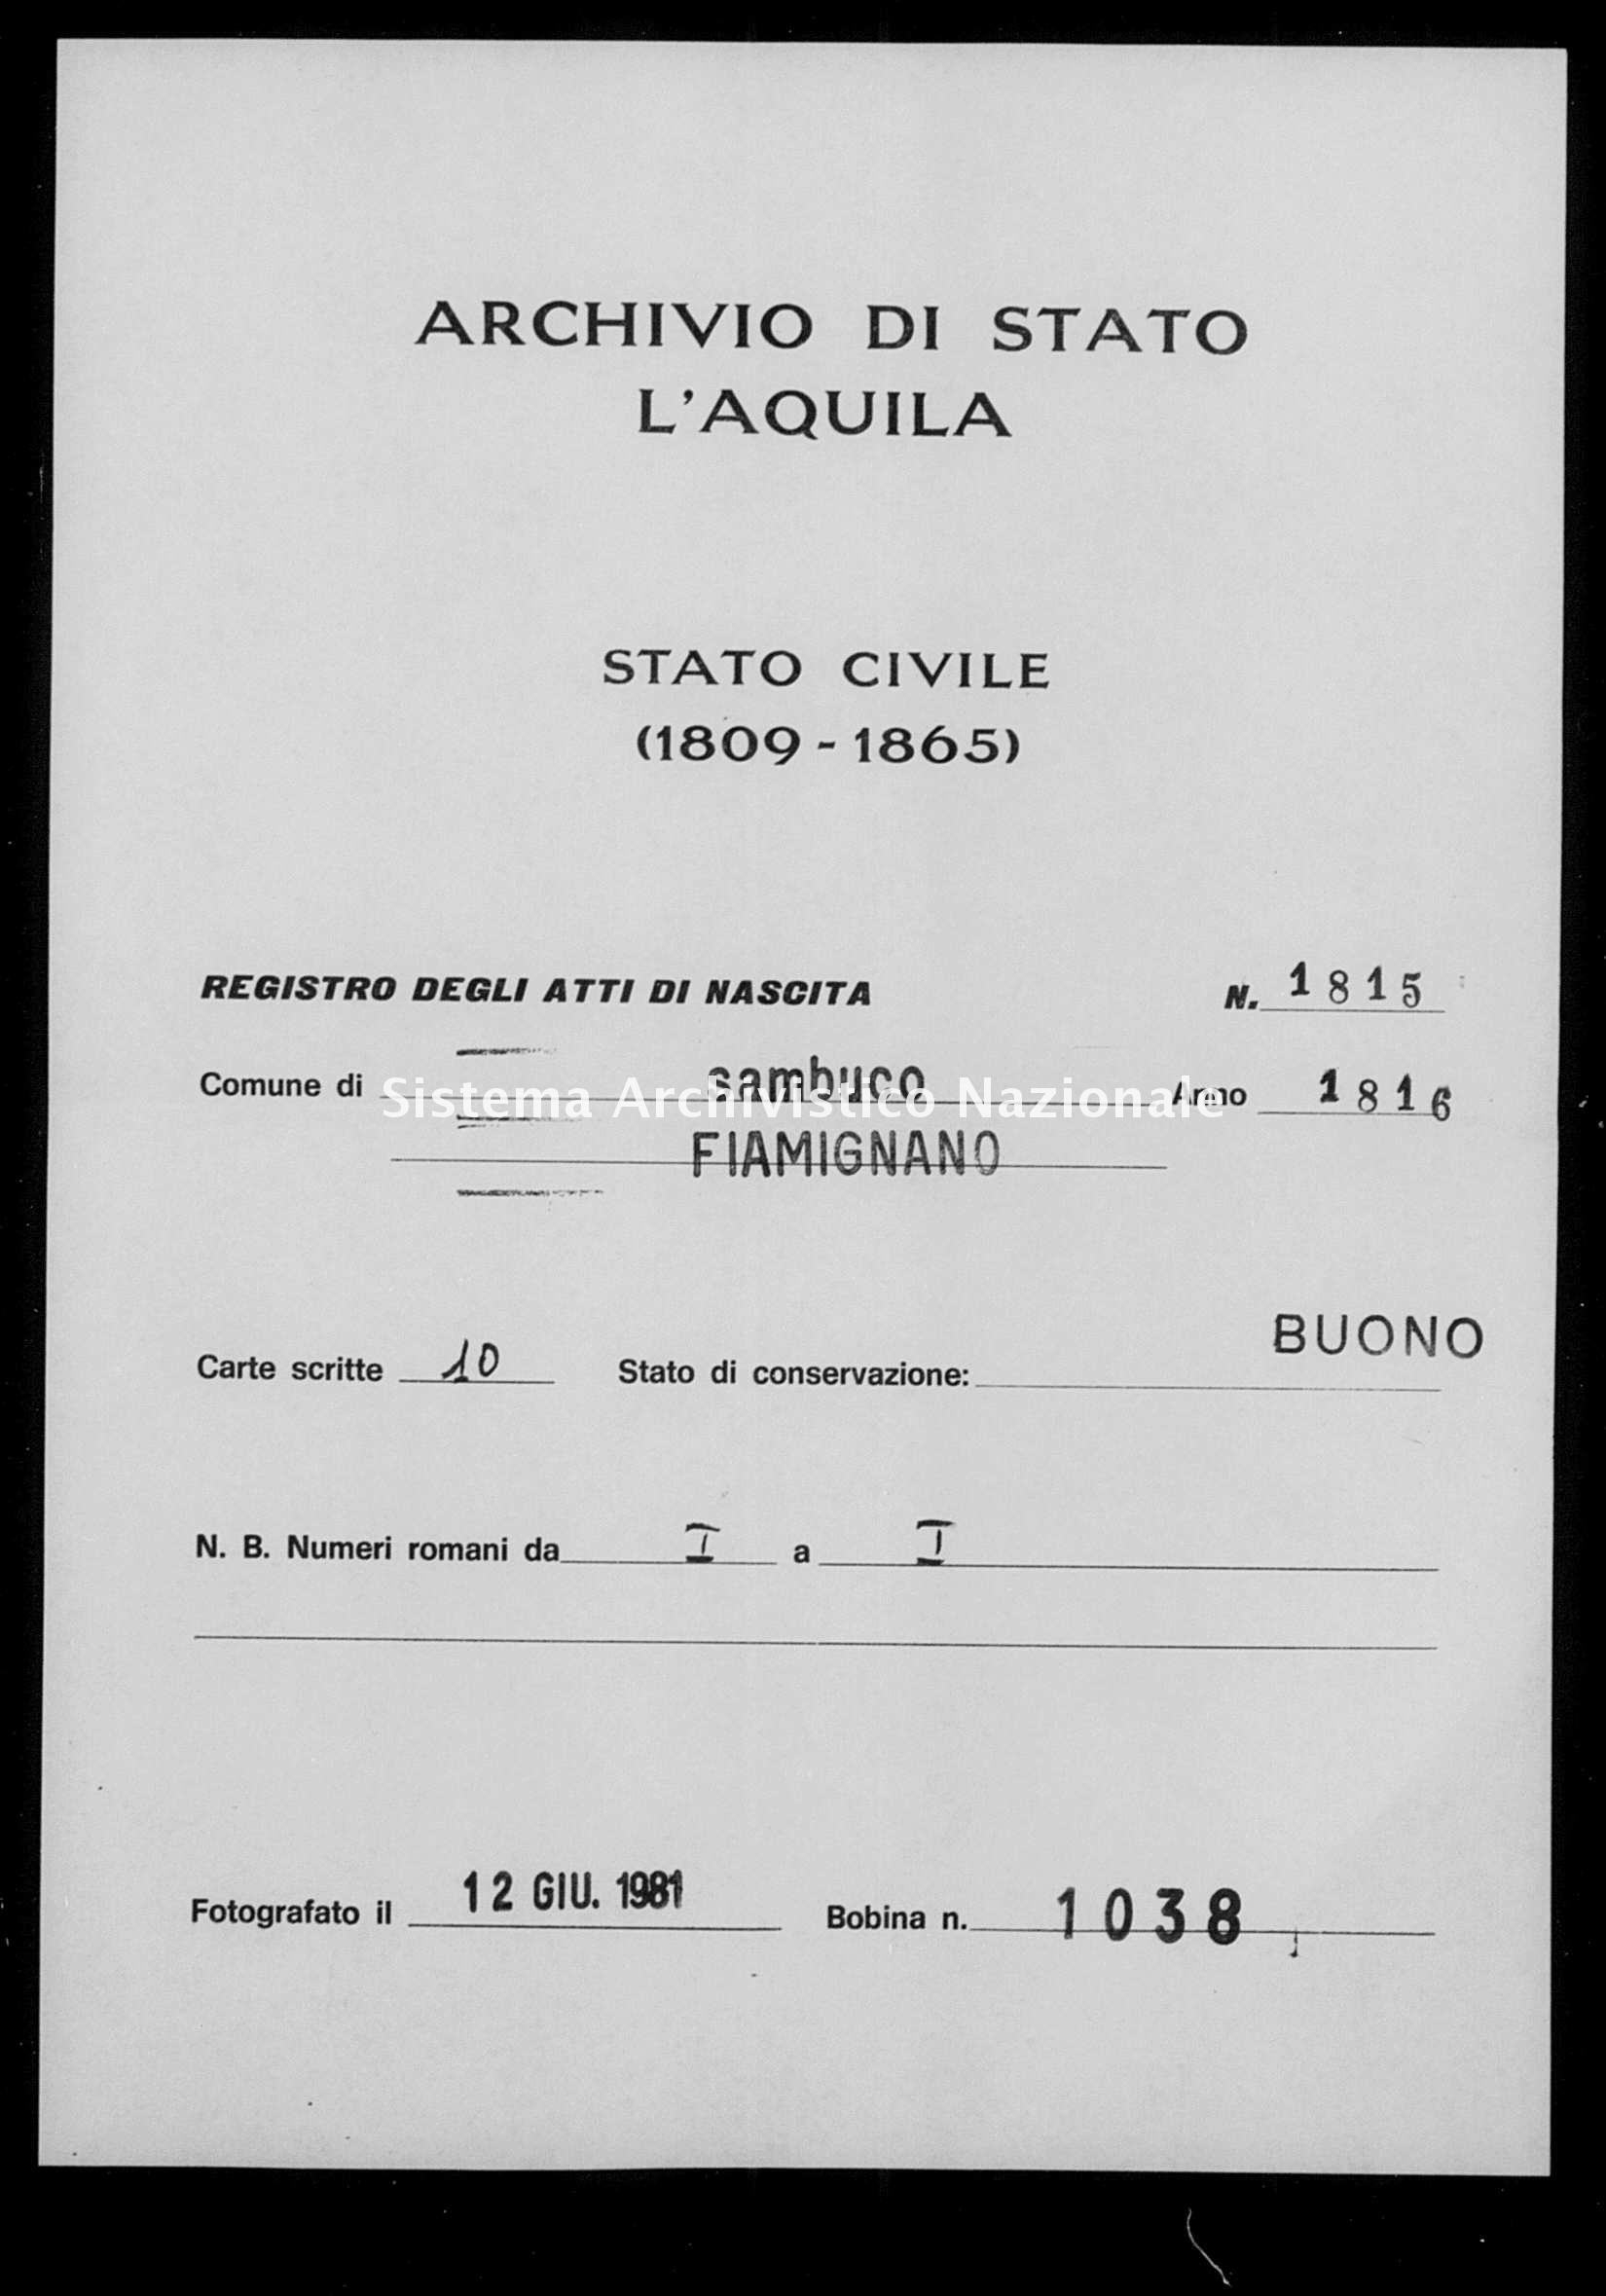 Archivio di stato di L'aquila - Stato civile della restaurazione - Sambuco - Nati - 1816 - 1815 -